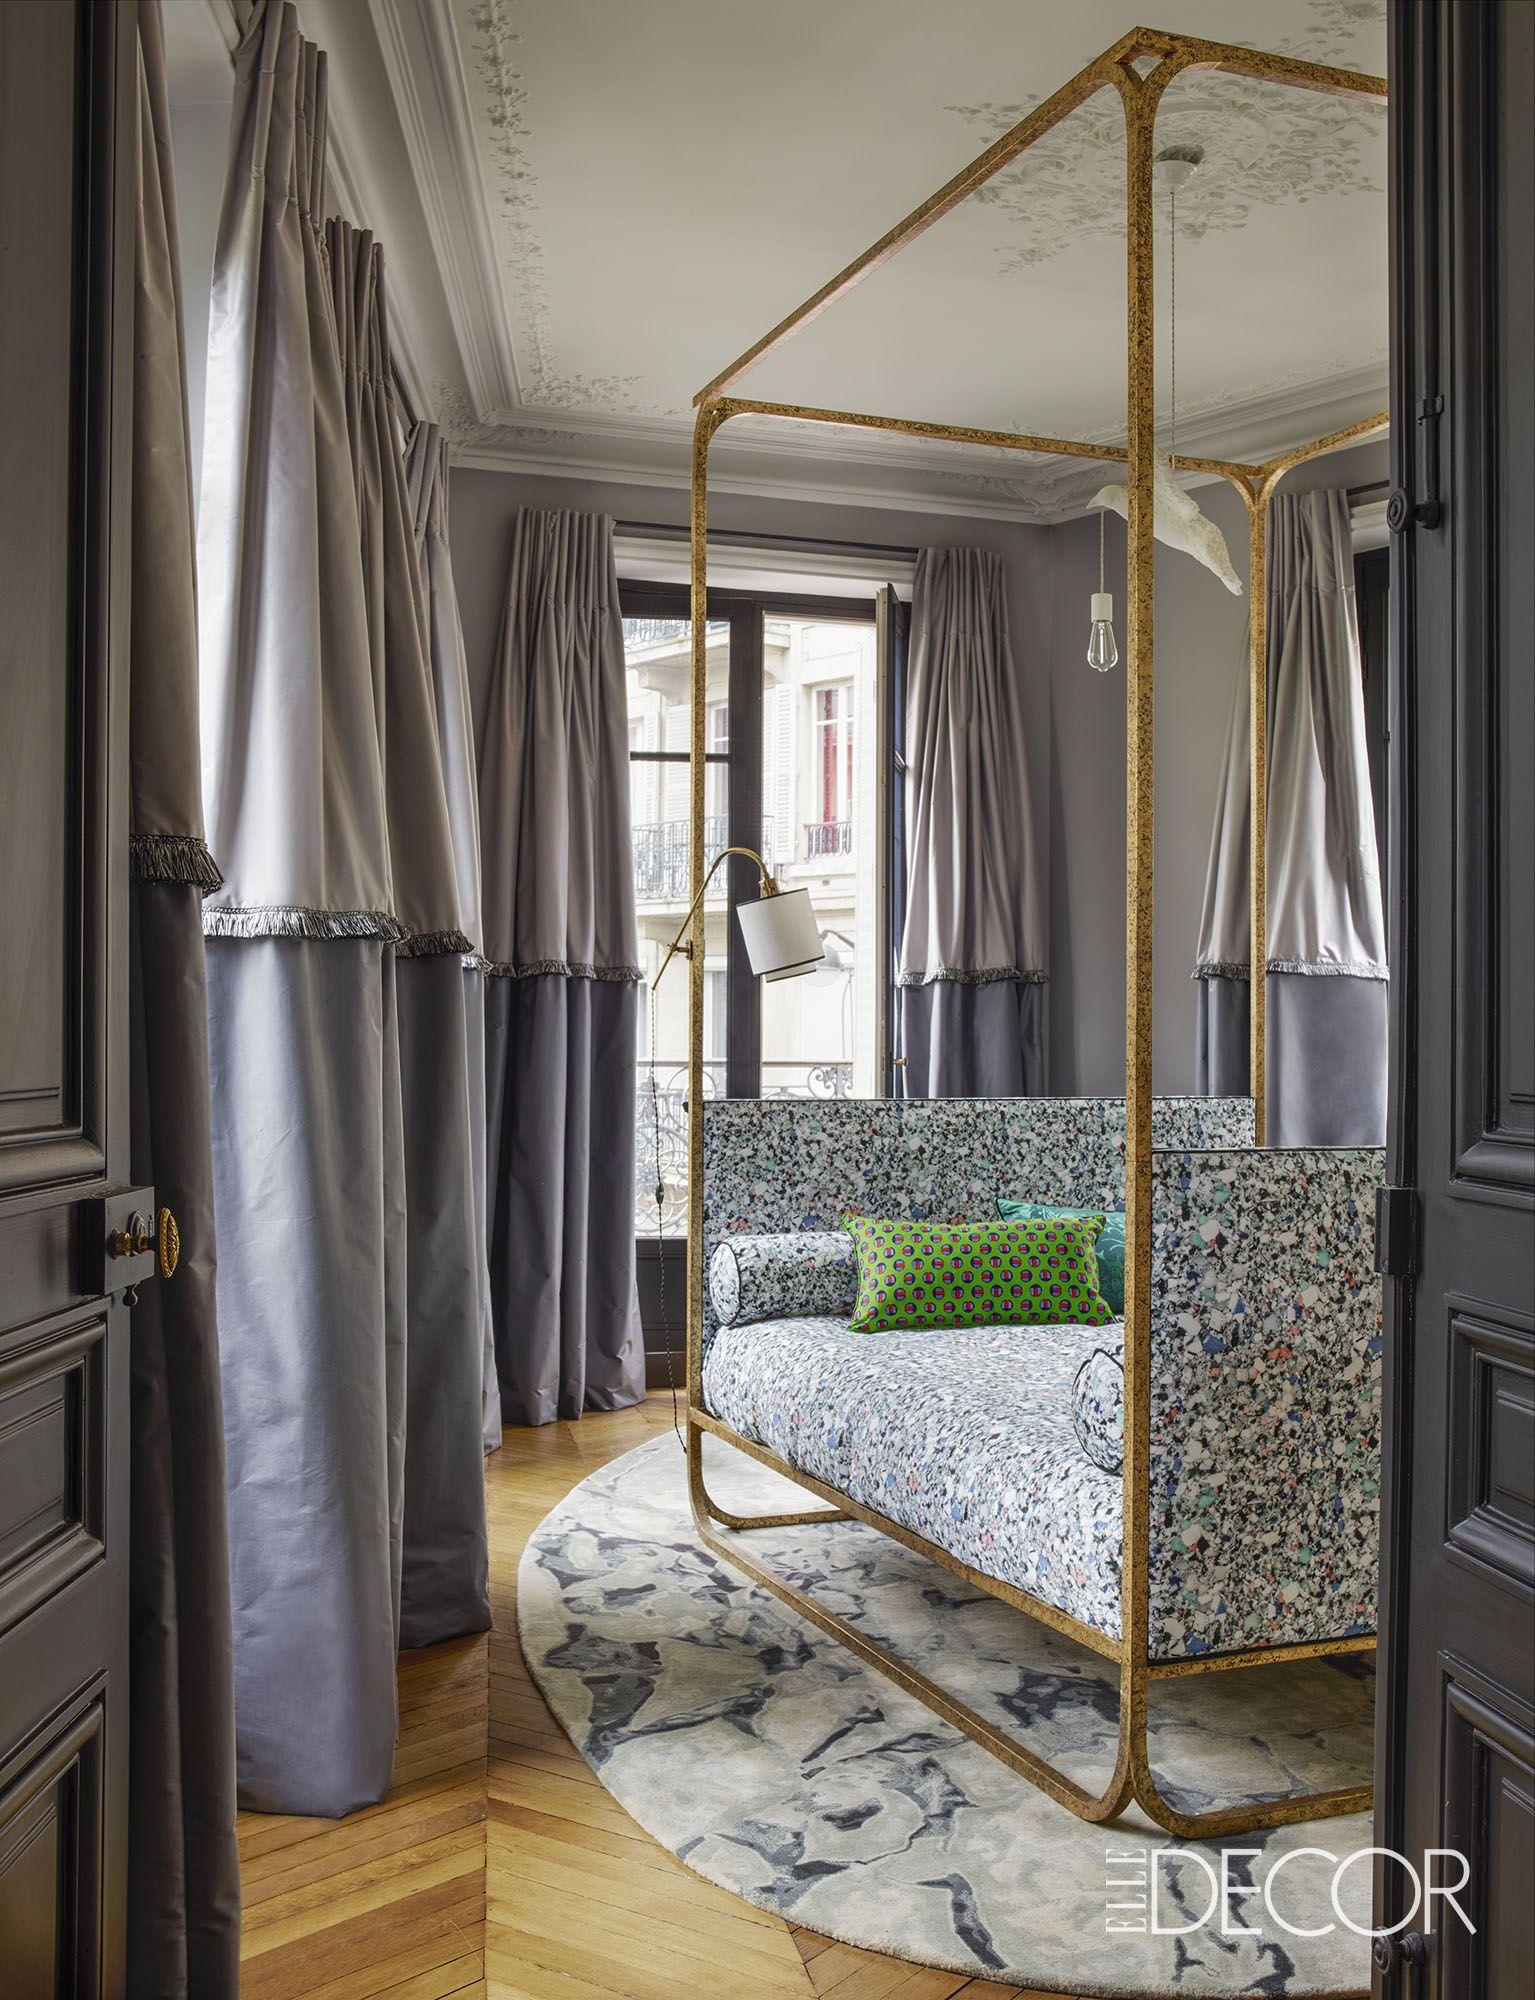 small-bedroom-ideas-26-1501793693.jpg